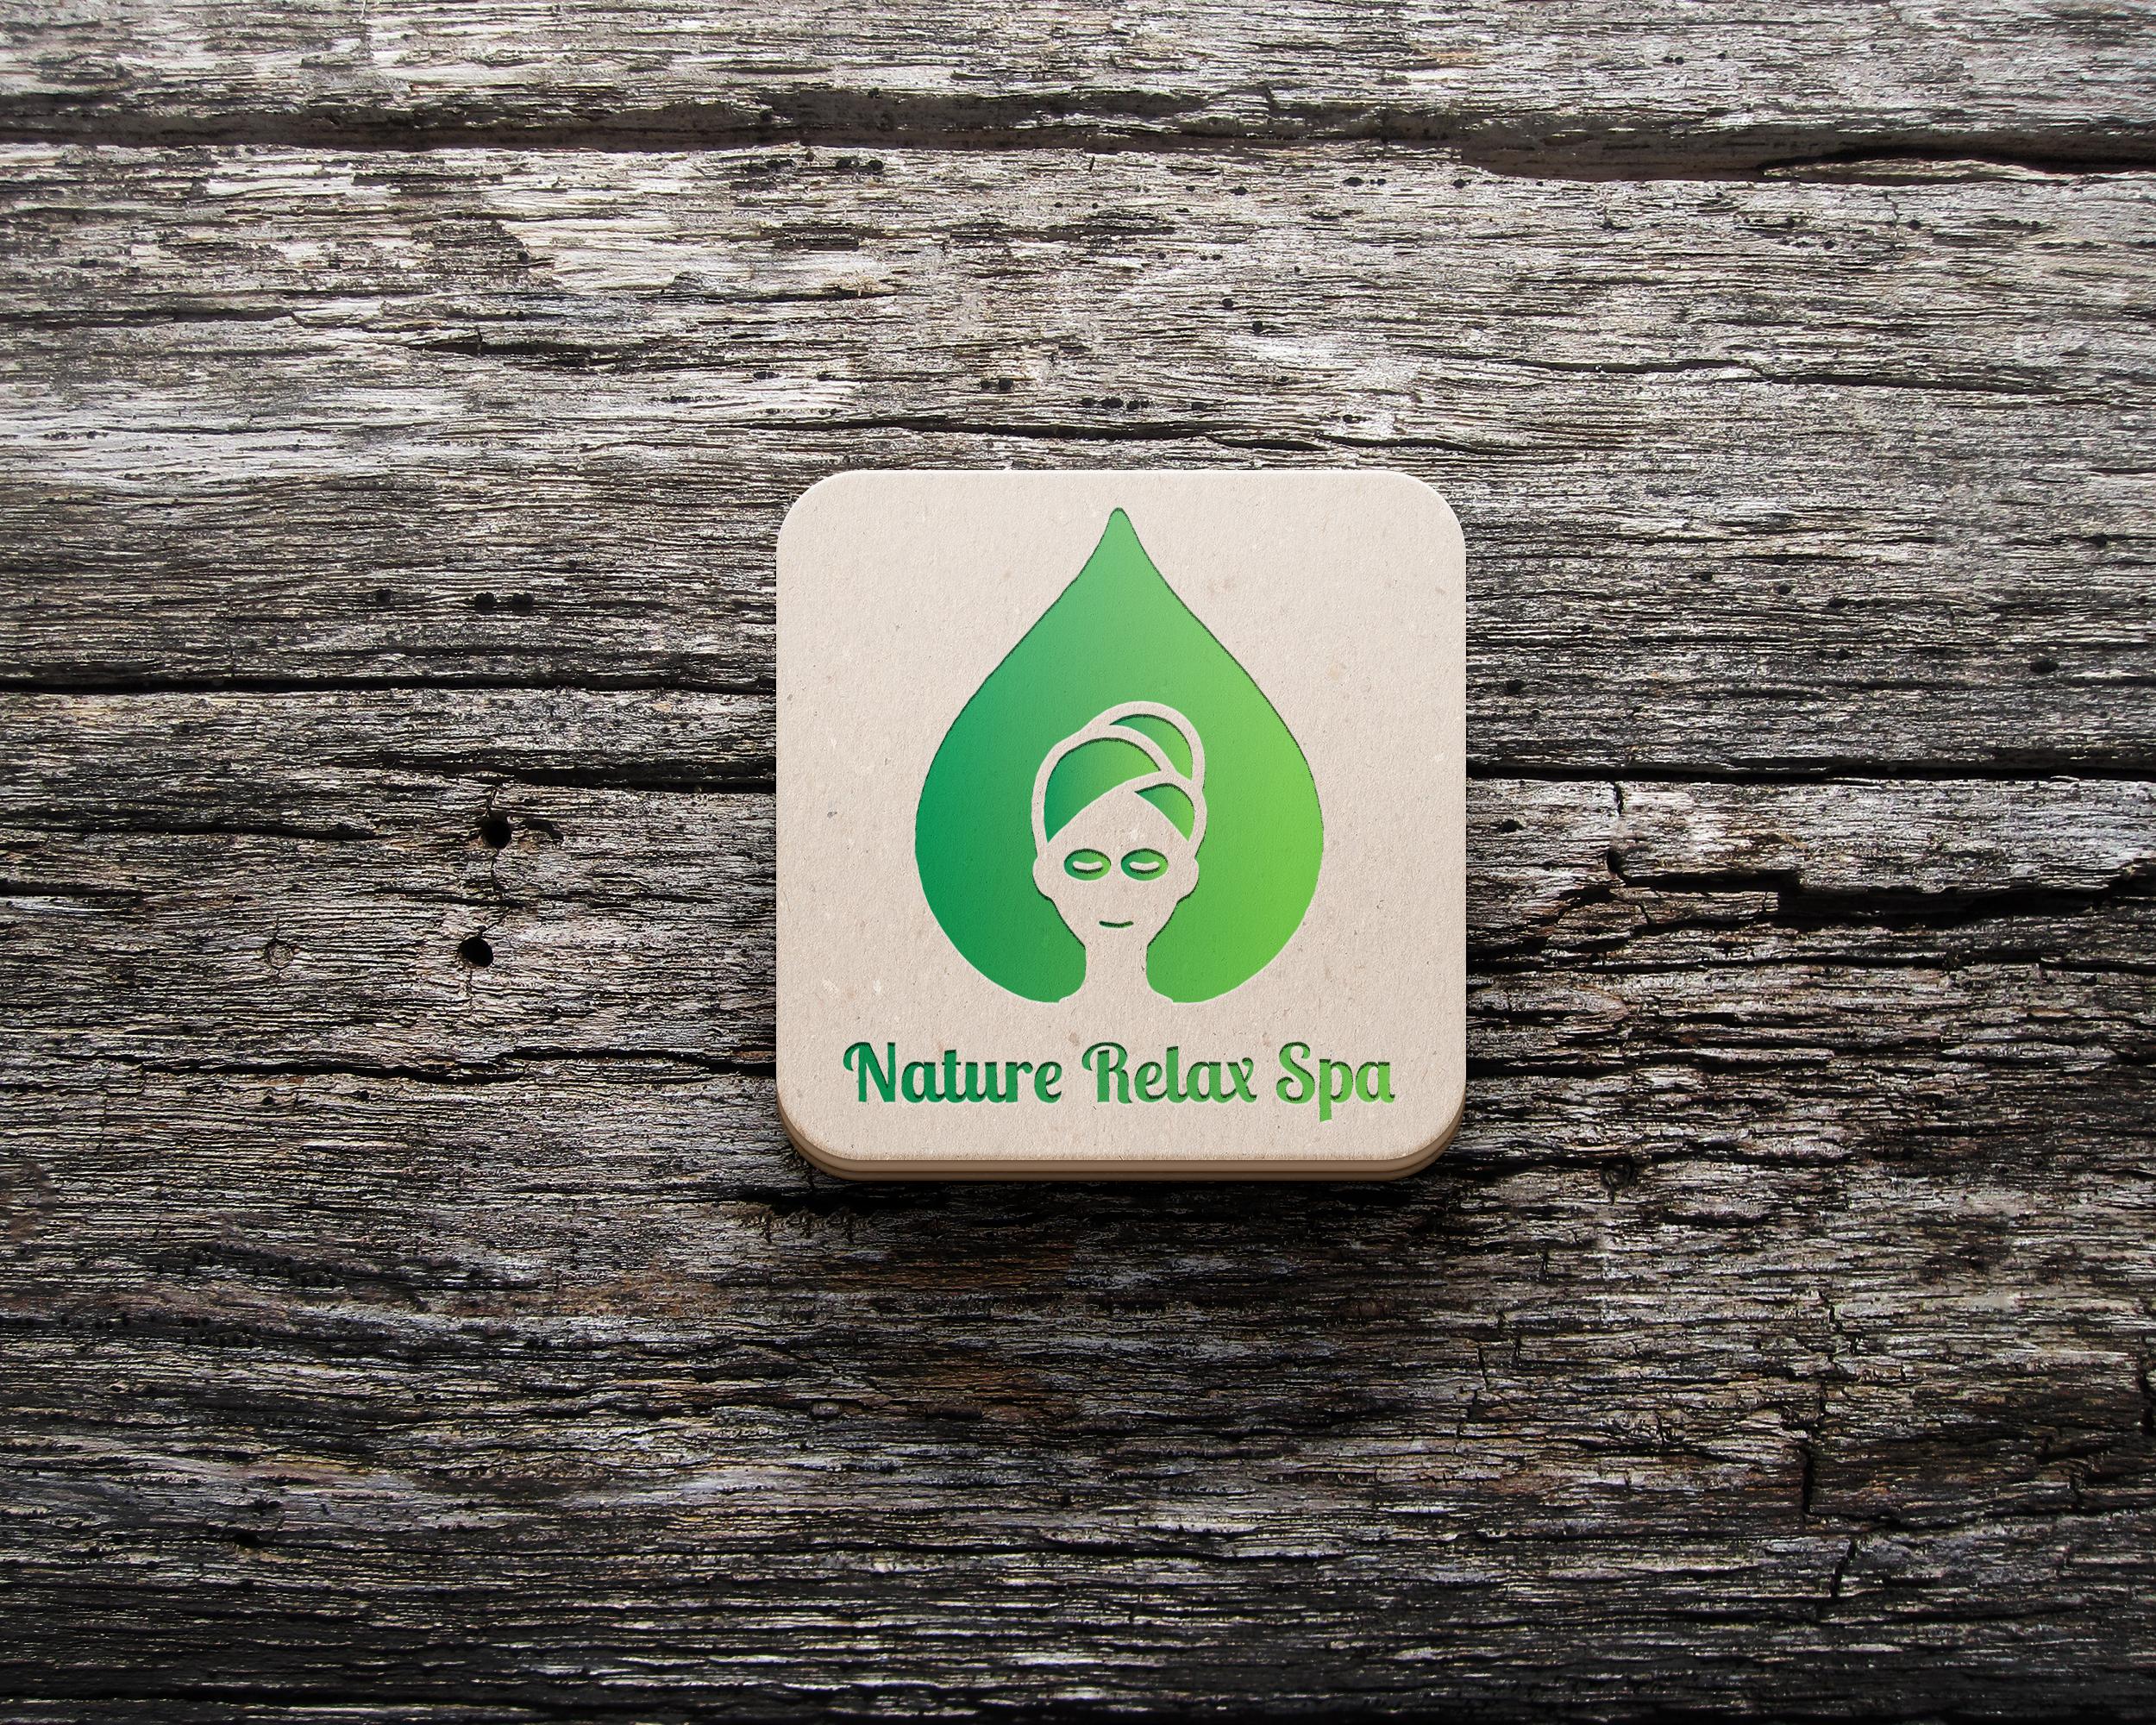 Spa, Nature, vector, Realax, logo